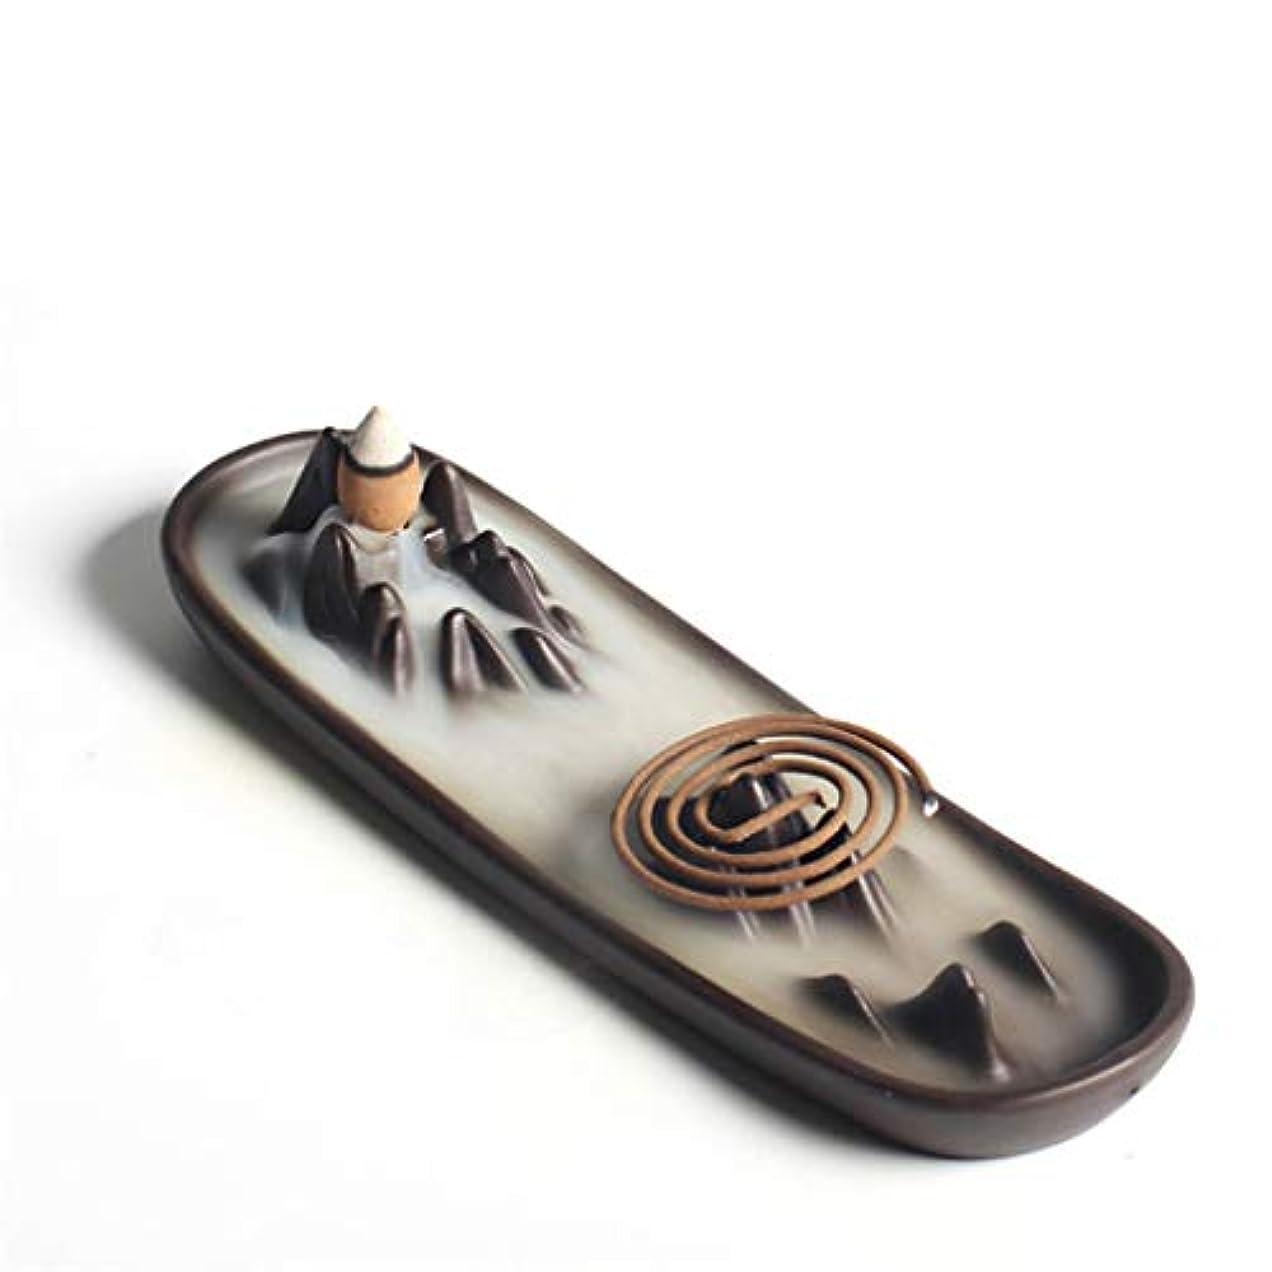 木製債務者処分した芳香器?アロマバーナー 逆流香バーナー家の装飾セラミックアロマセラピー仏教の滝香炉香コイルスティックホルダー 芳香器?アロマバーナー (Color : A)